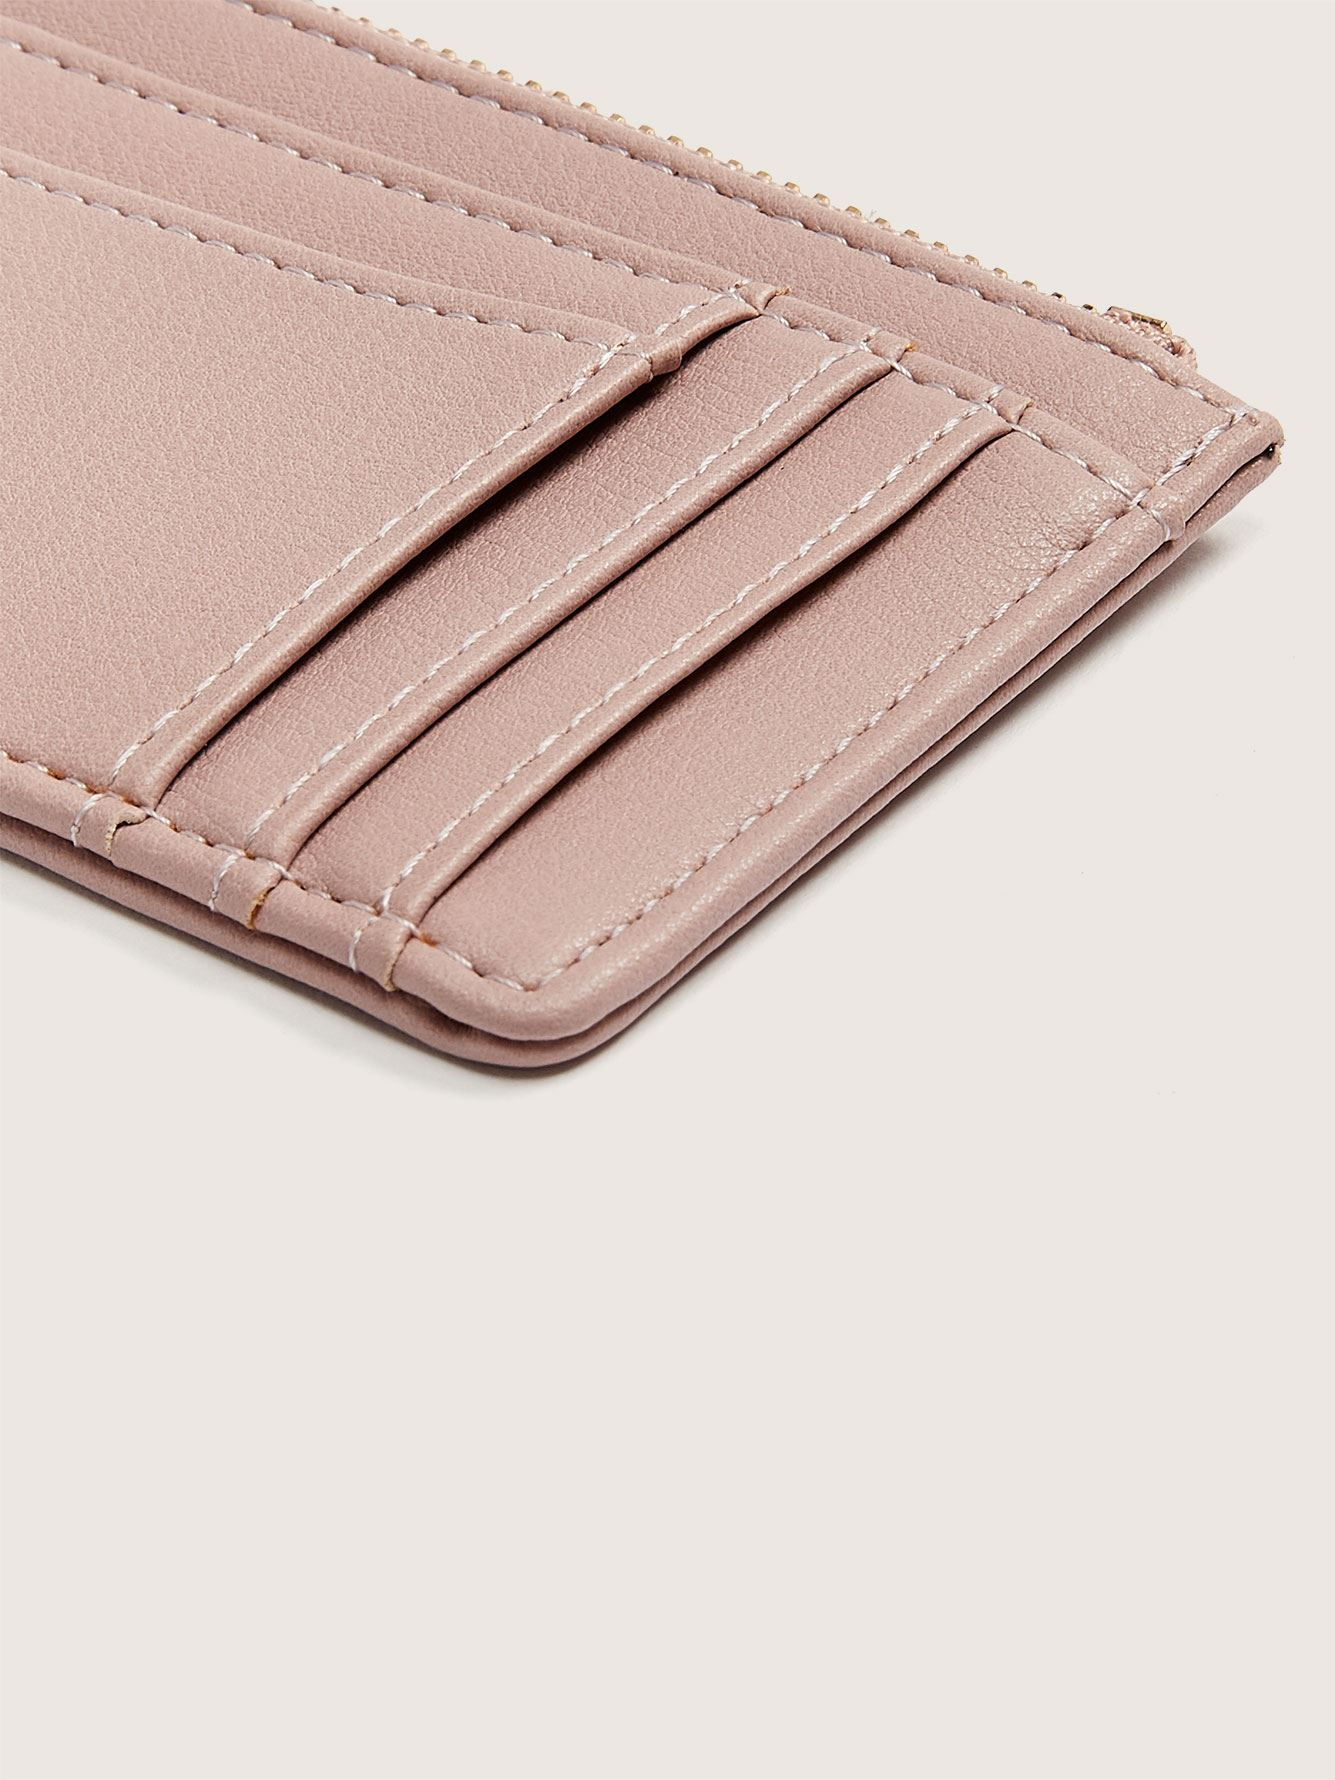 Porte-cartes compact - Addition Elle